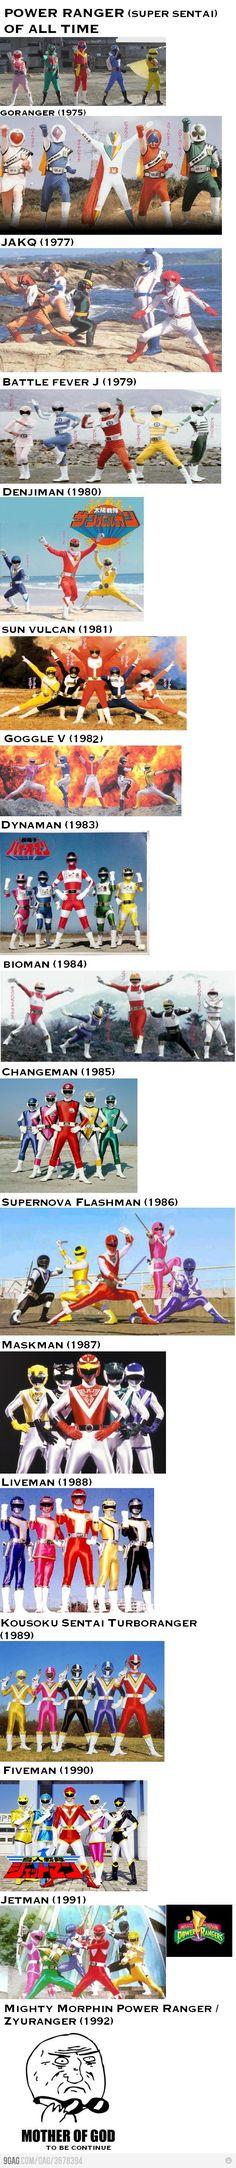 Power Ranger of all time